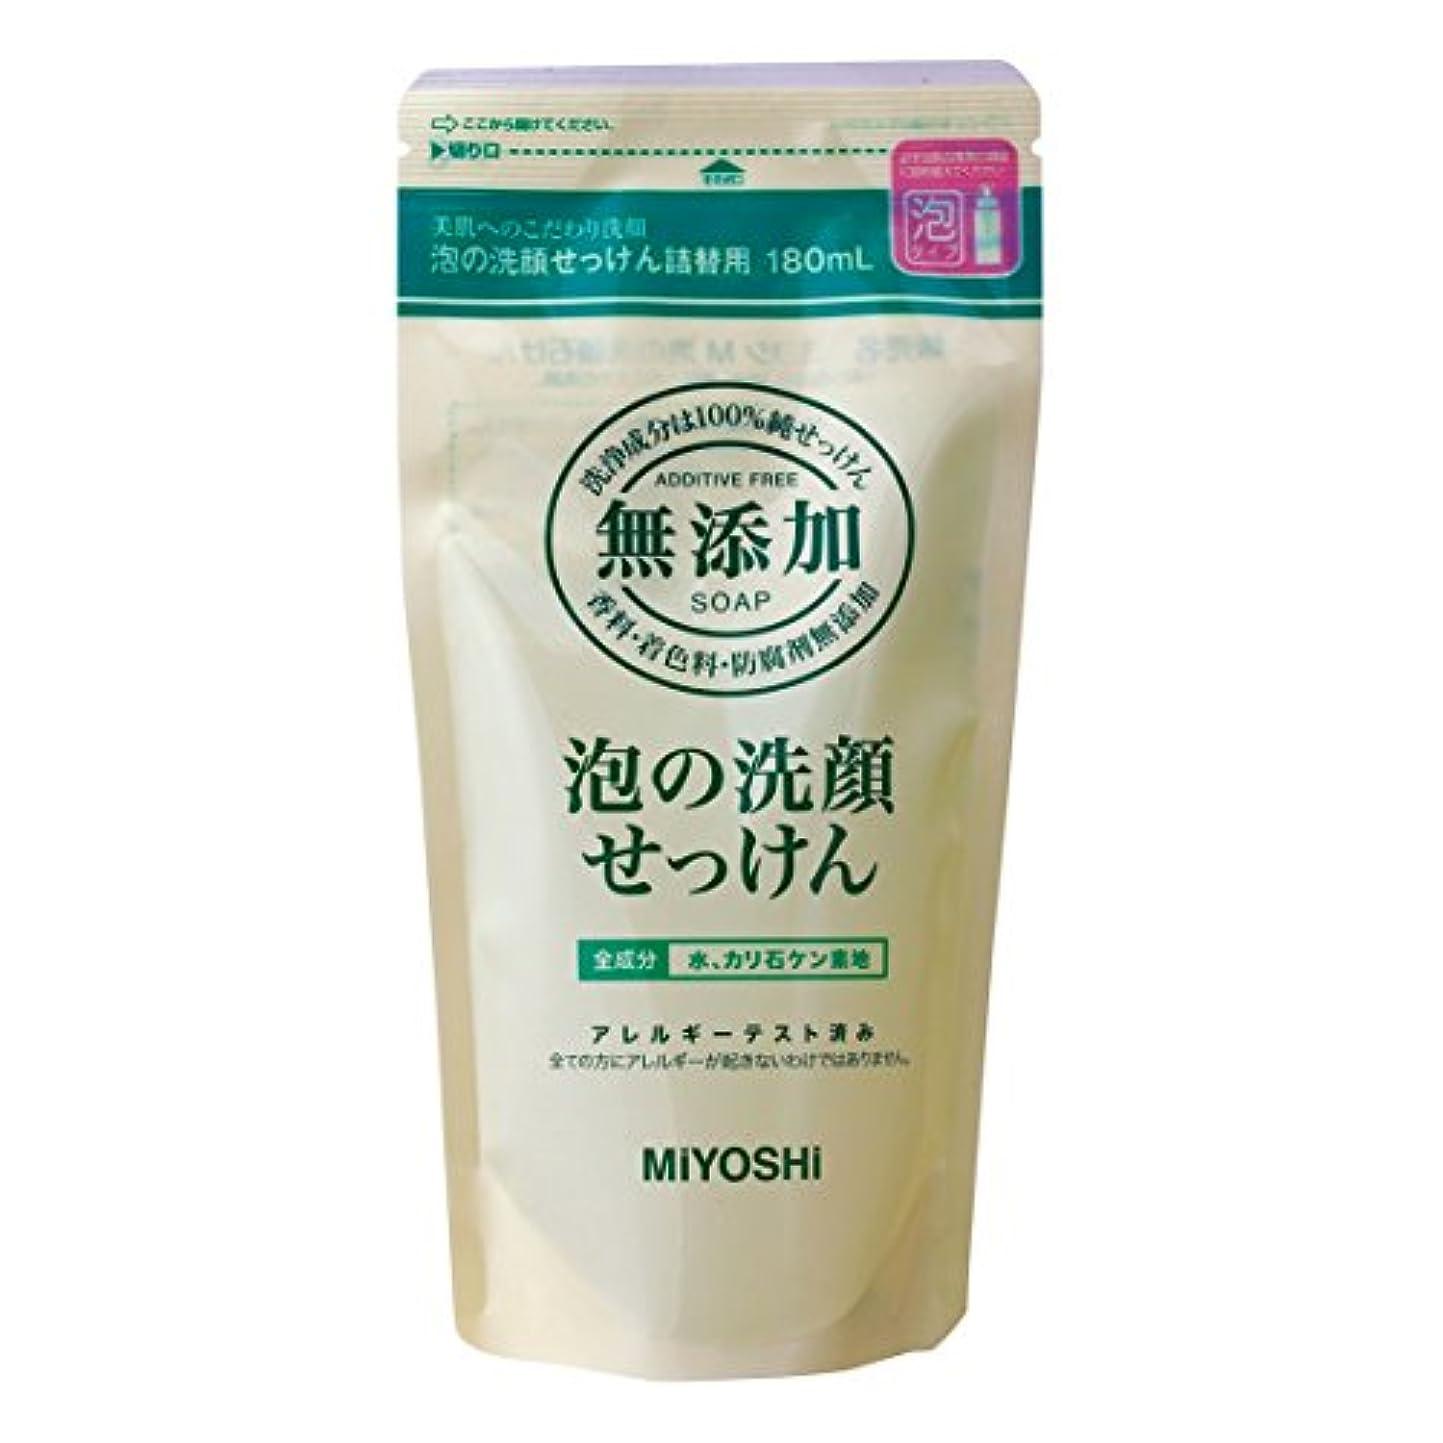 パッドベッド専門用語無添加泡の洗顔せっけん 詰替180ml